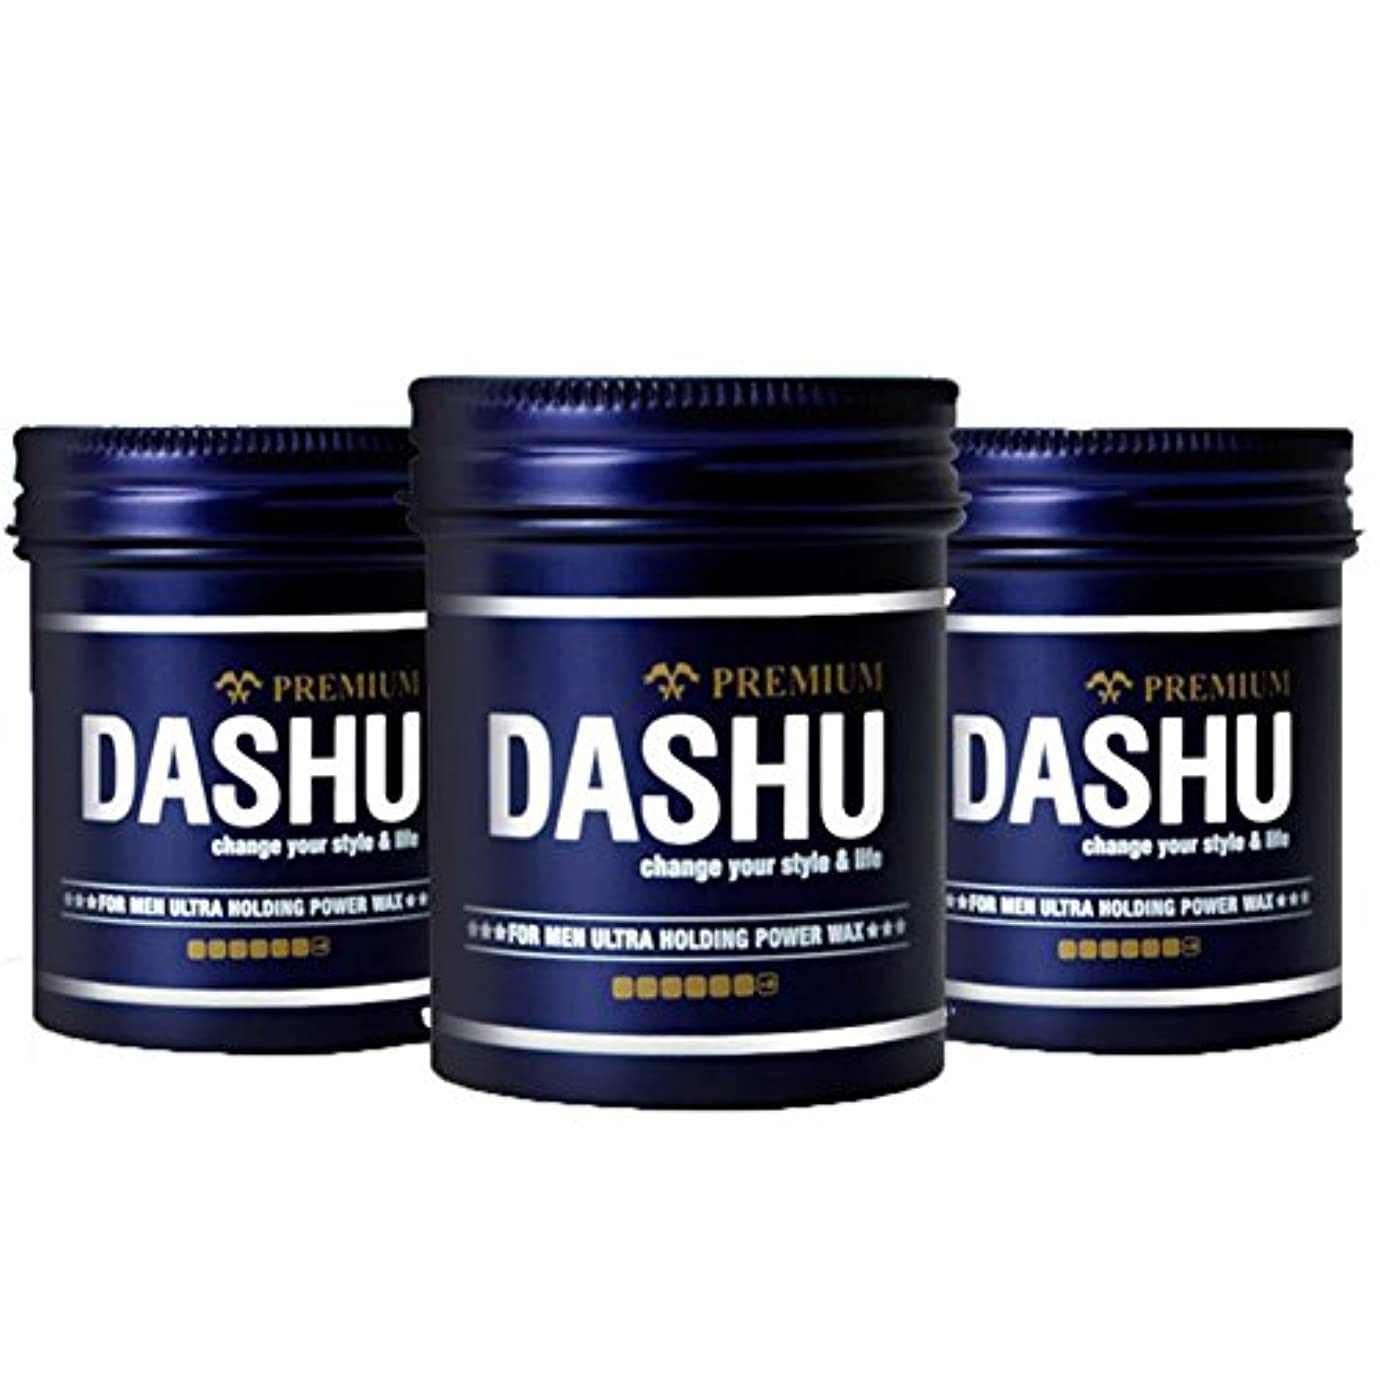 バルコニー解き明かすに付ける(3個セット) x [DASHU] ダシュ For Men男性用 プレミアムウルトラホールディングパワーワックス Premium Ultra Holding Power Hair Wax 100m l/ 韓国製 . 韓国直送品